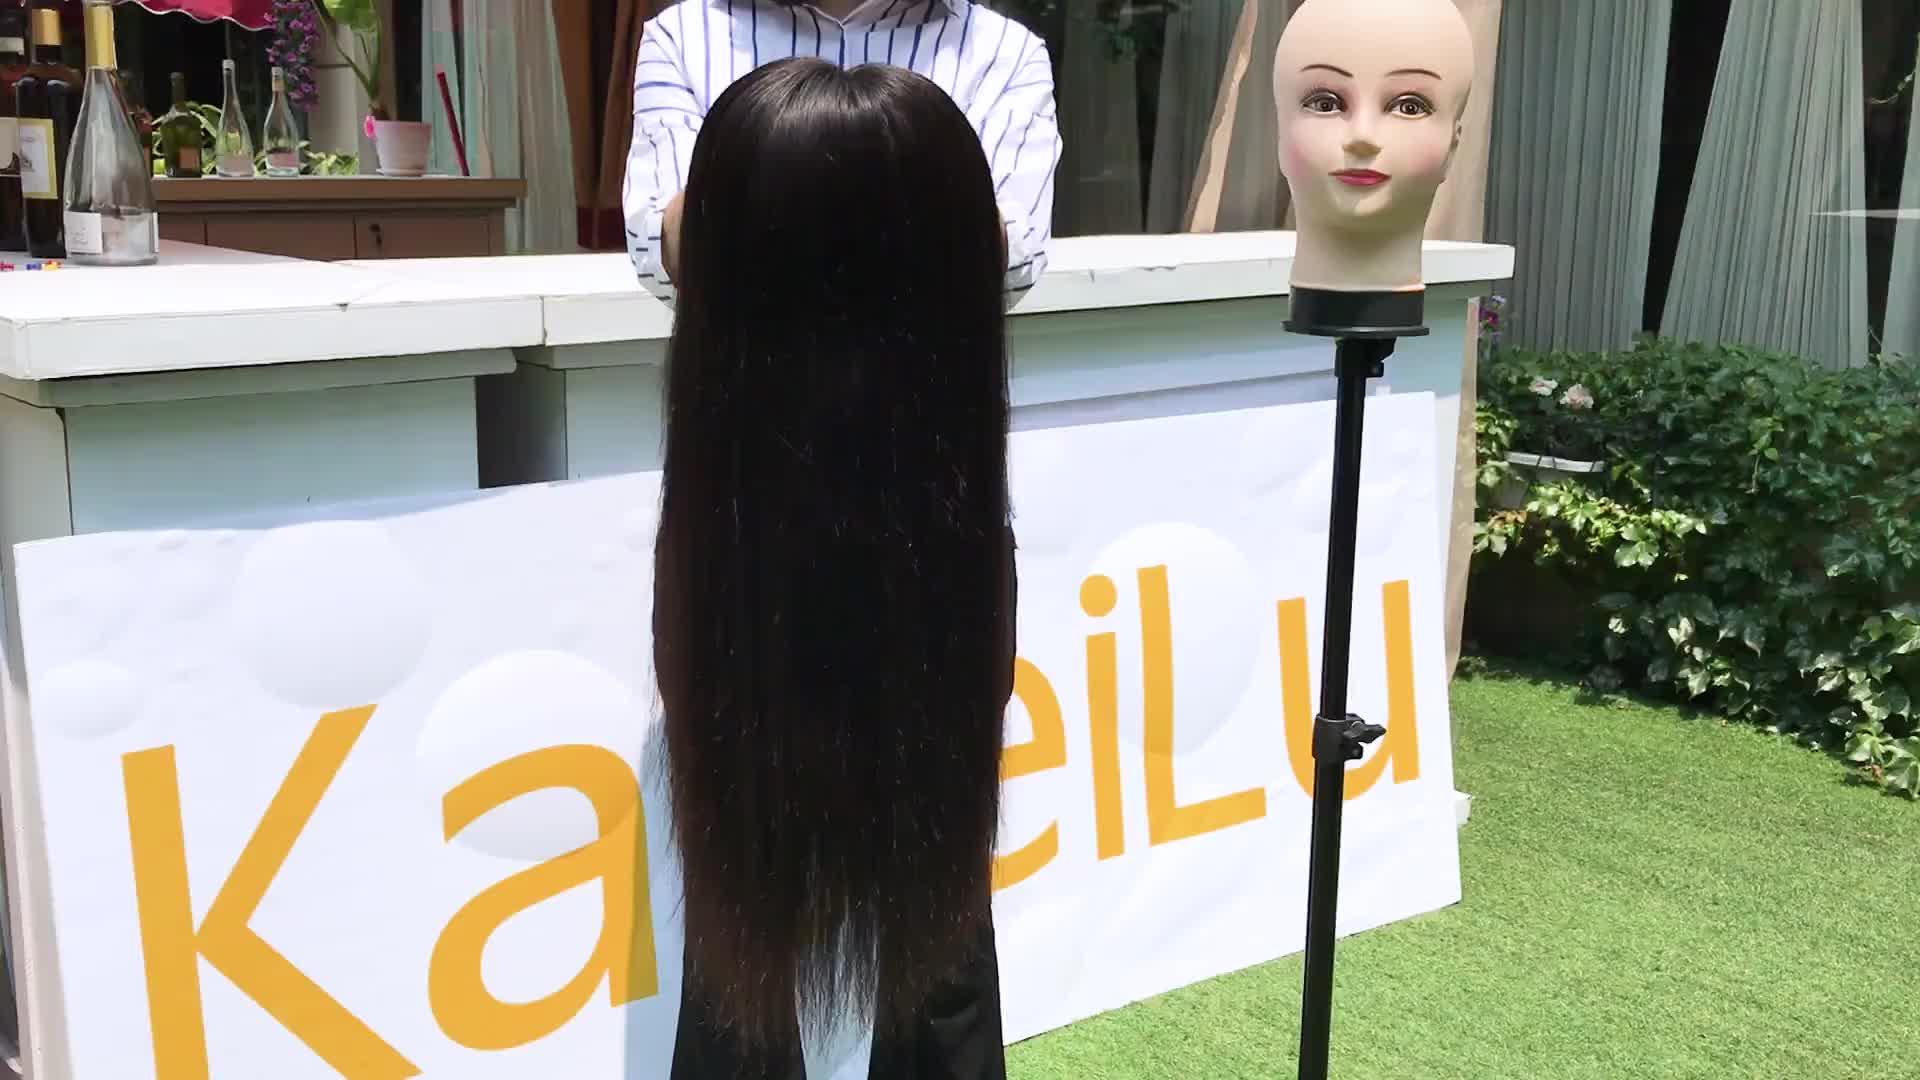 Goede Prijzen india sexi vrouwen haar pruik, nieuwe komende alopecia pruik vivi pruik, groothandel joodse pruik grip lace front band